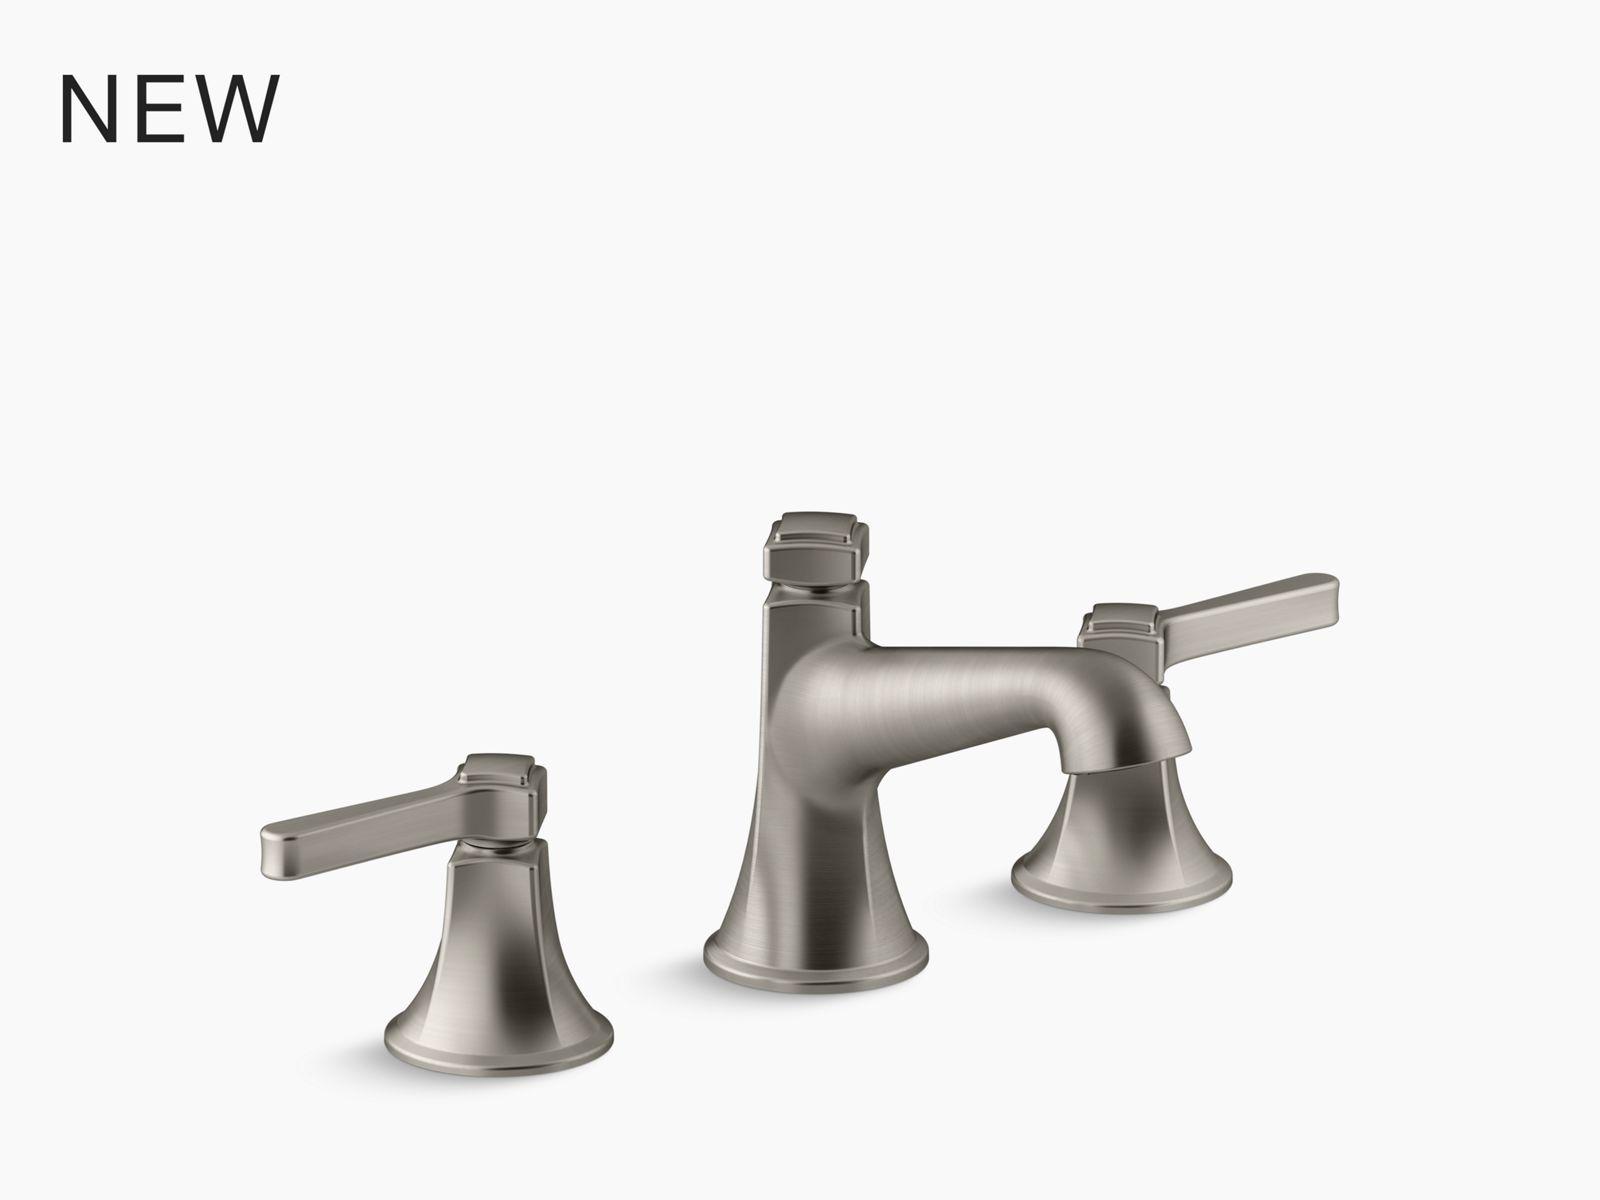 prolific 33 x 17 3 4 x 10 15 16 undermount single bowl workstation kitchen sink with accessories